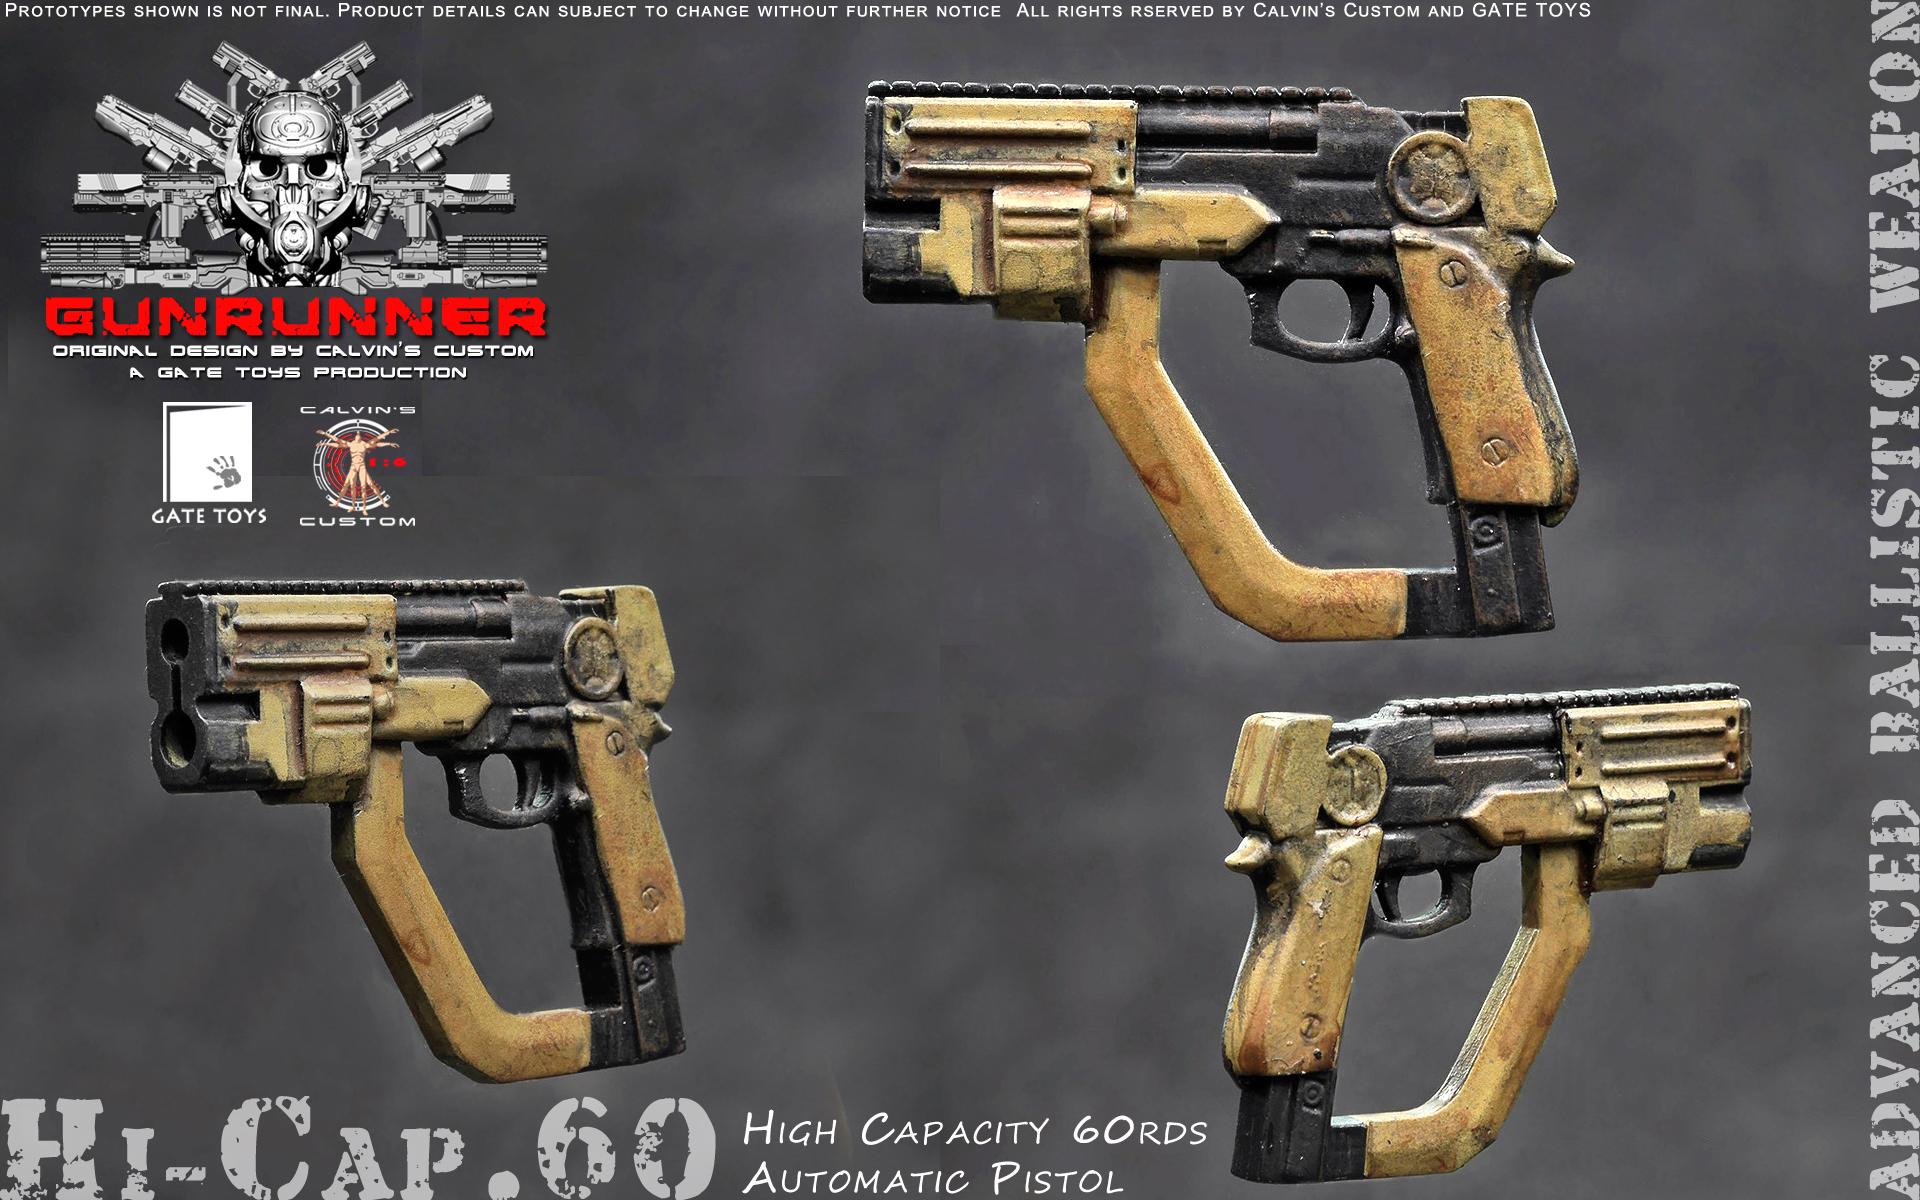 Gunrunner - Hi-Cap.60